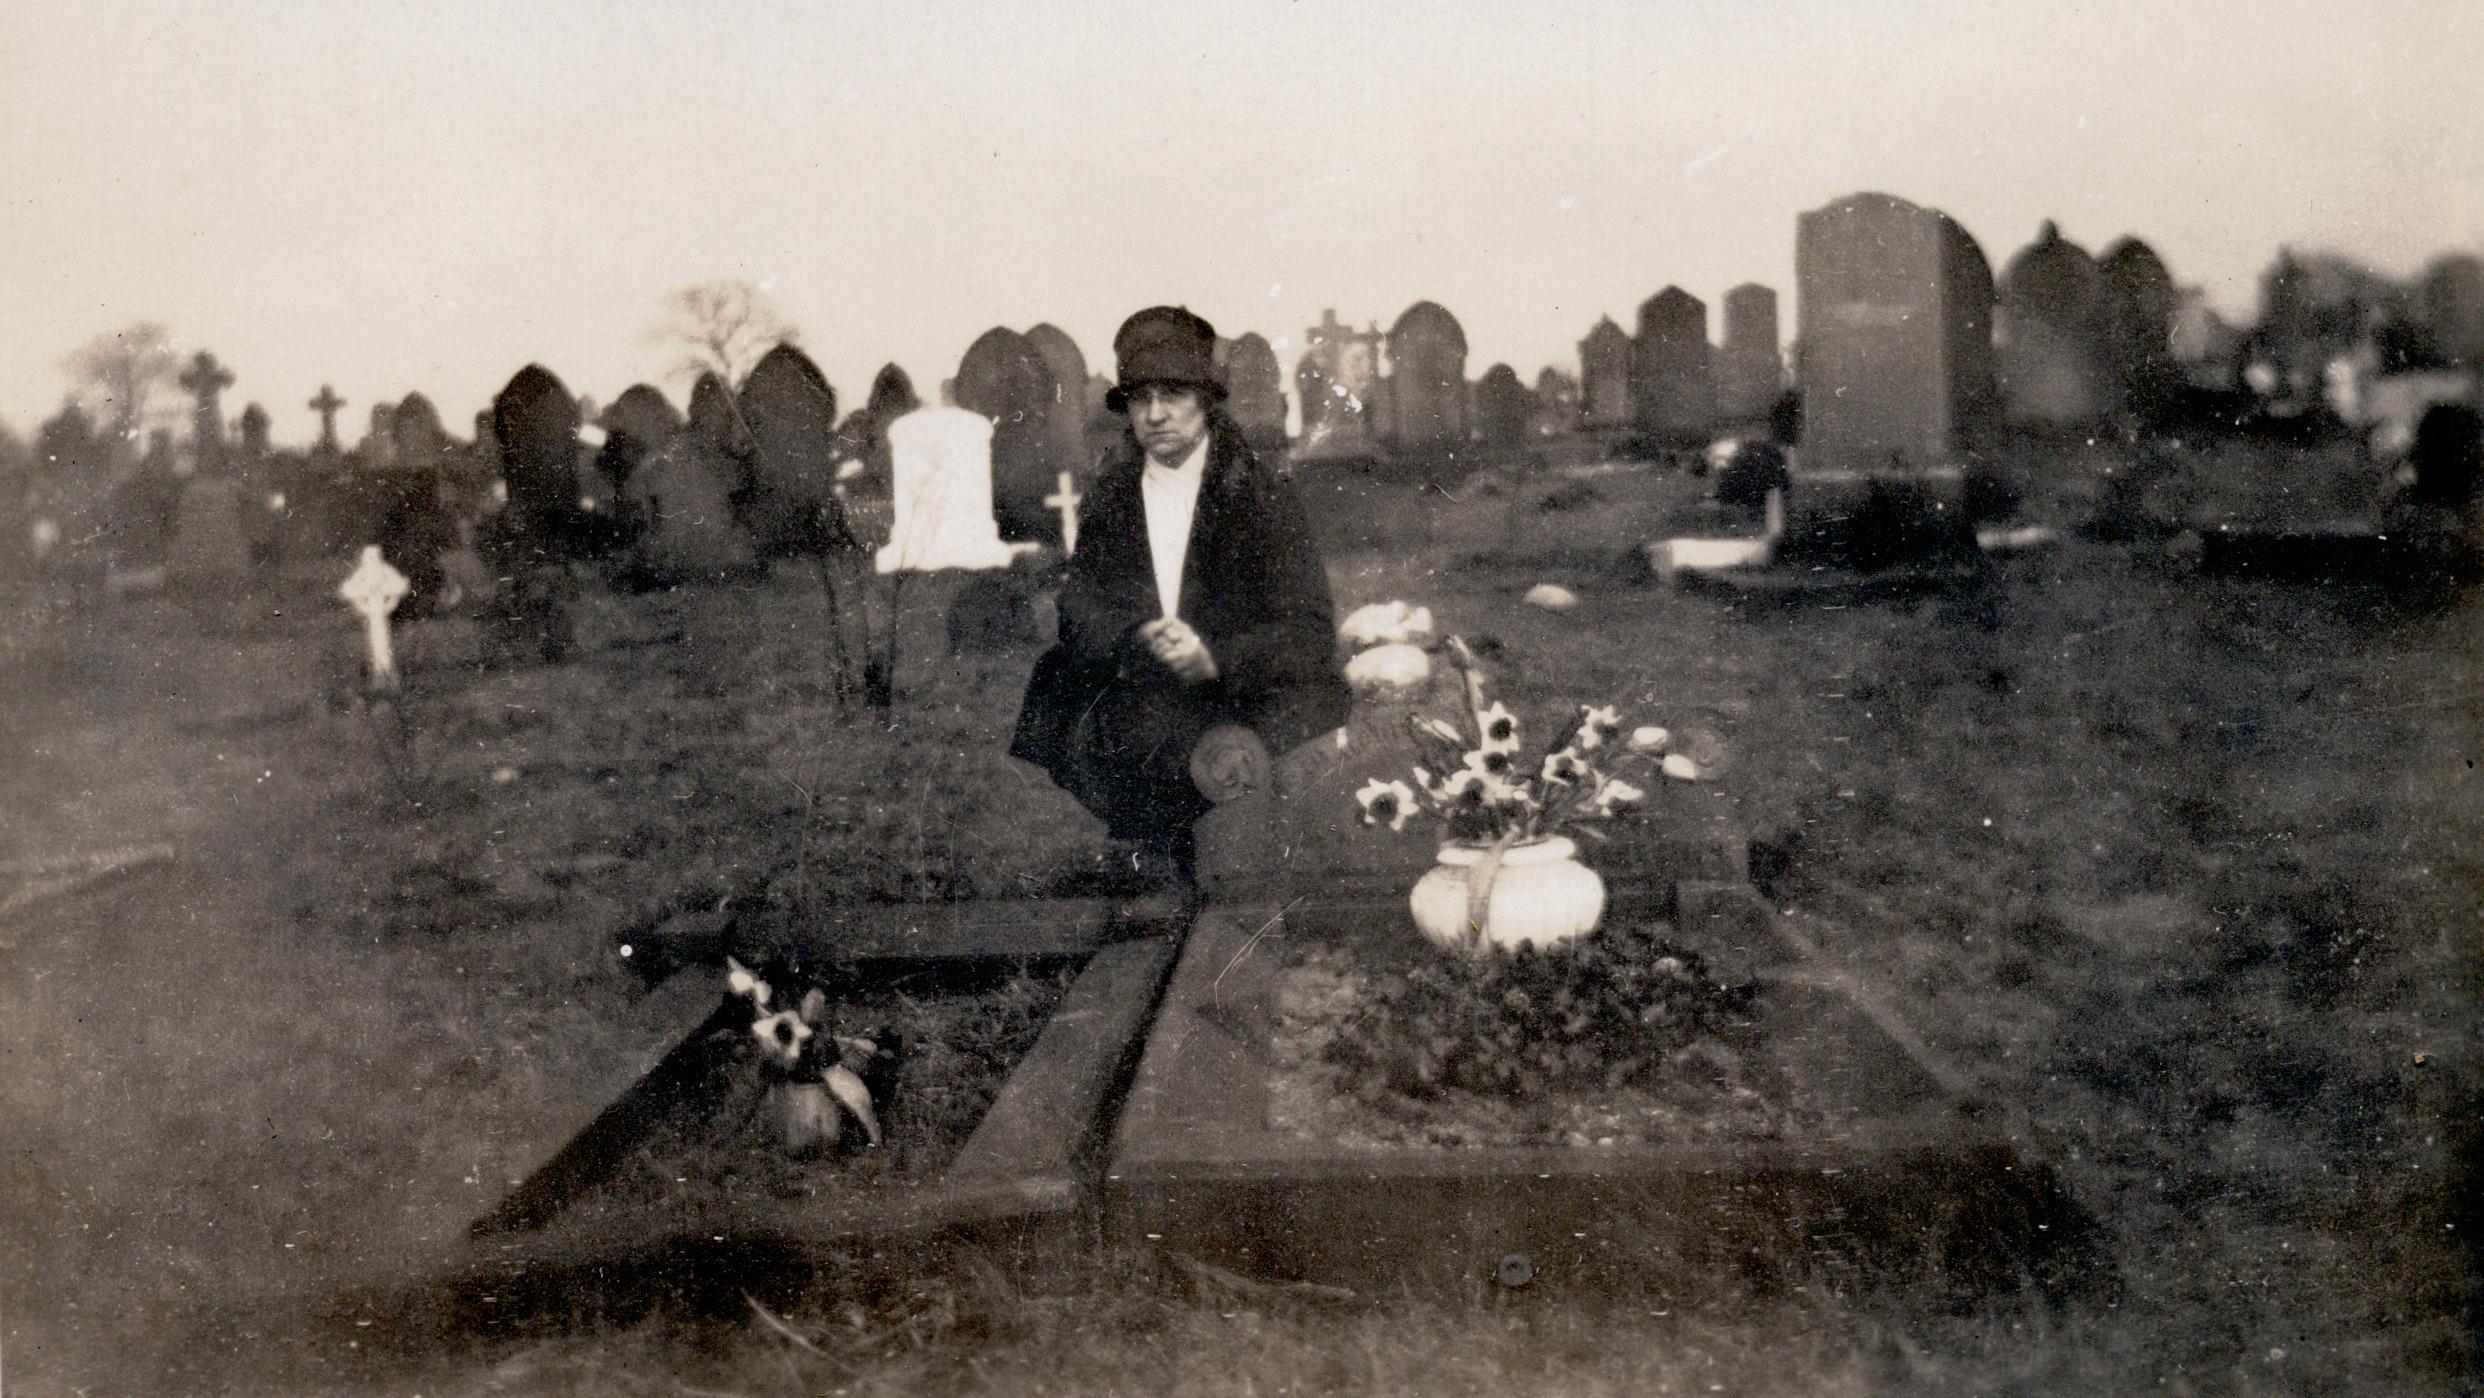 Nancy Fletcher at Parent's (Samuel & Sarah) Grave (Burnley Lancashire)